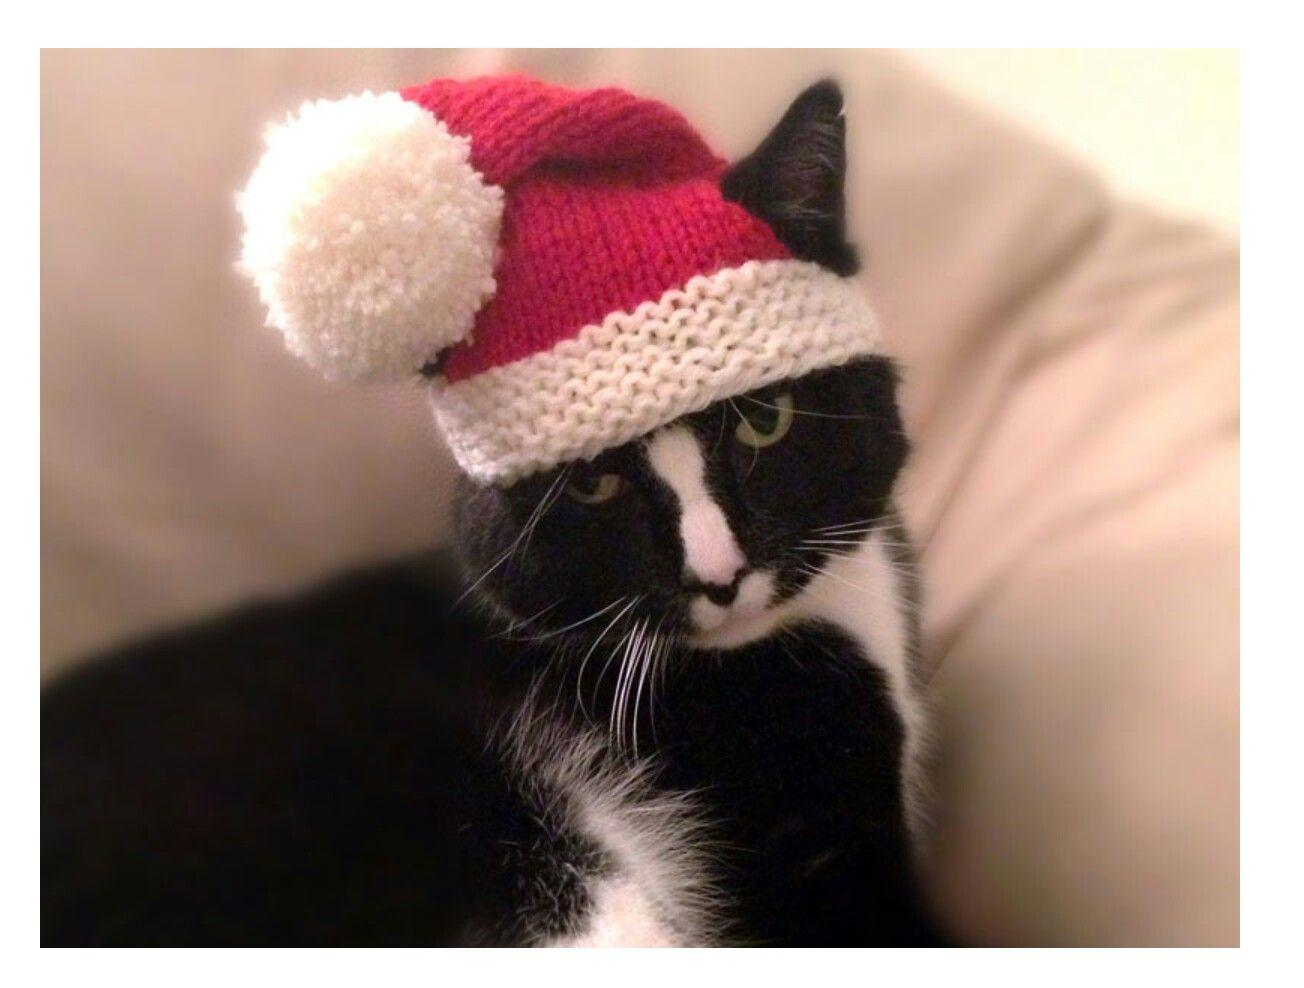 Pin de katie williams en Christmas, winter | Pinterest